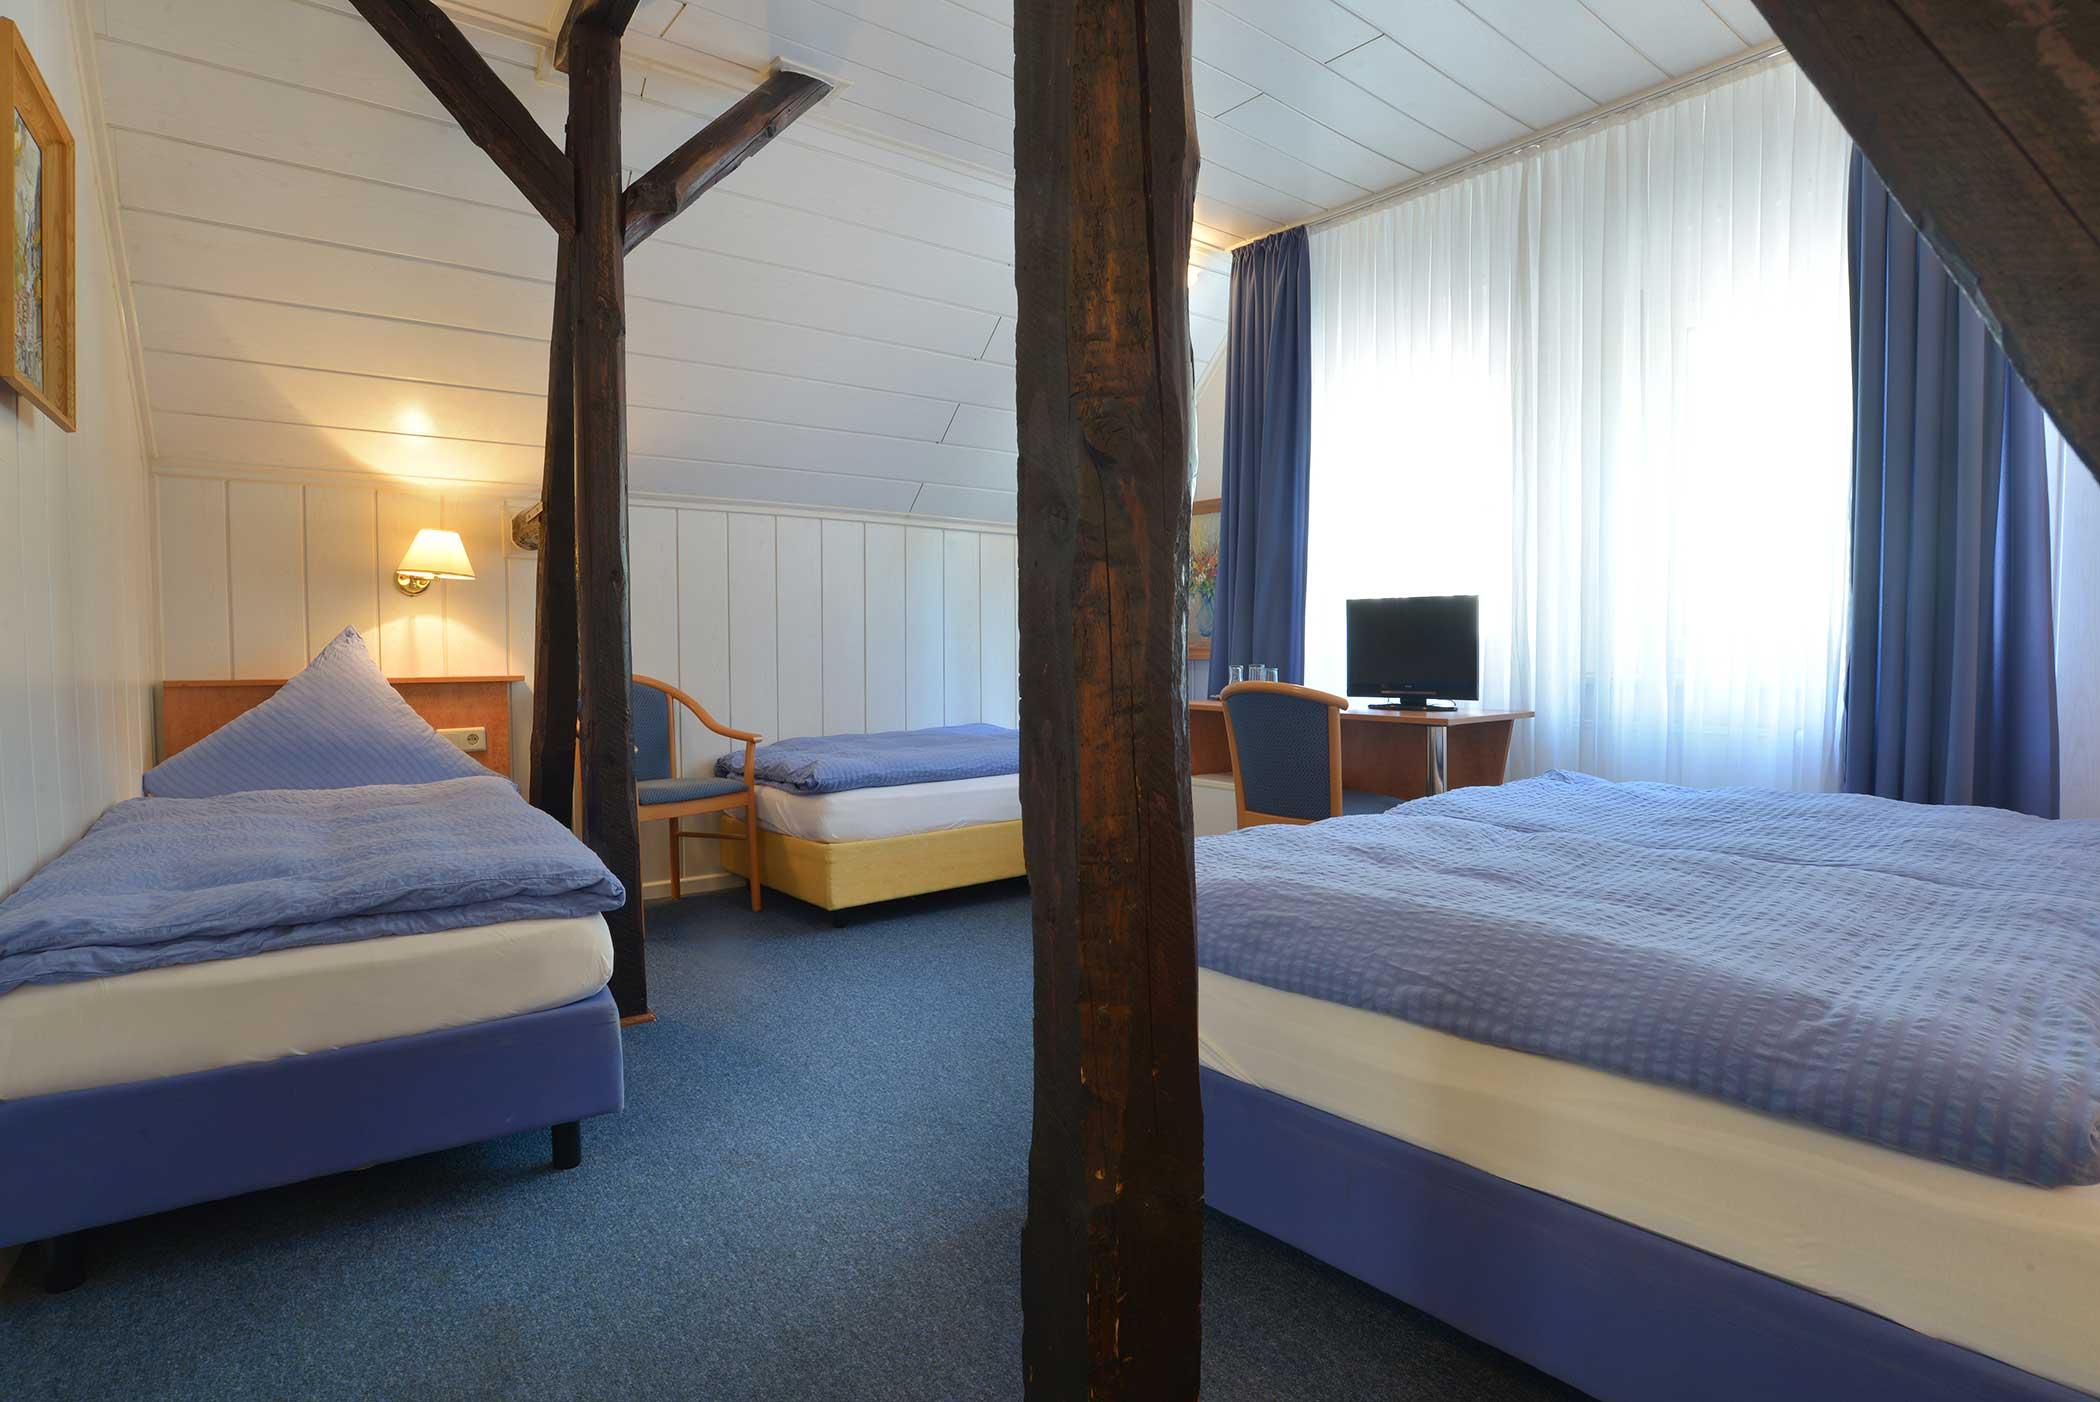 Multi-bed room Hotel Zehnthof in Cochem